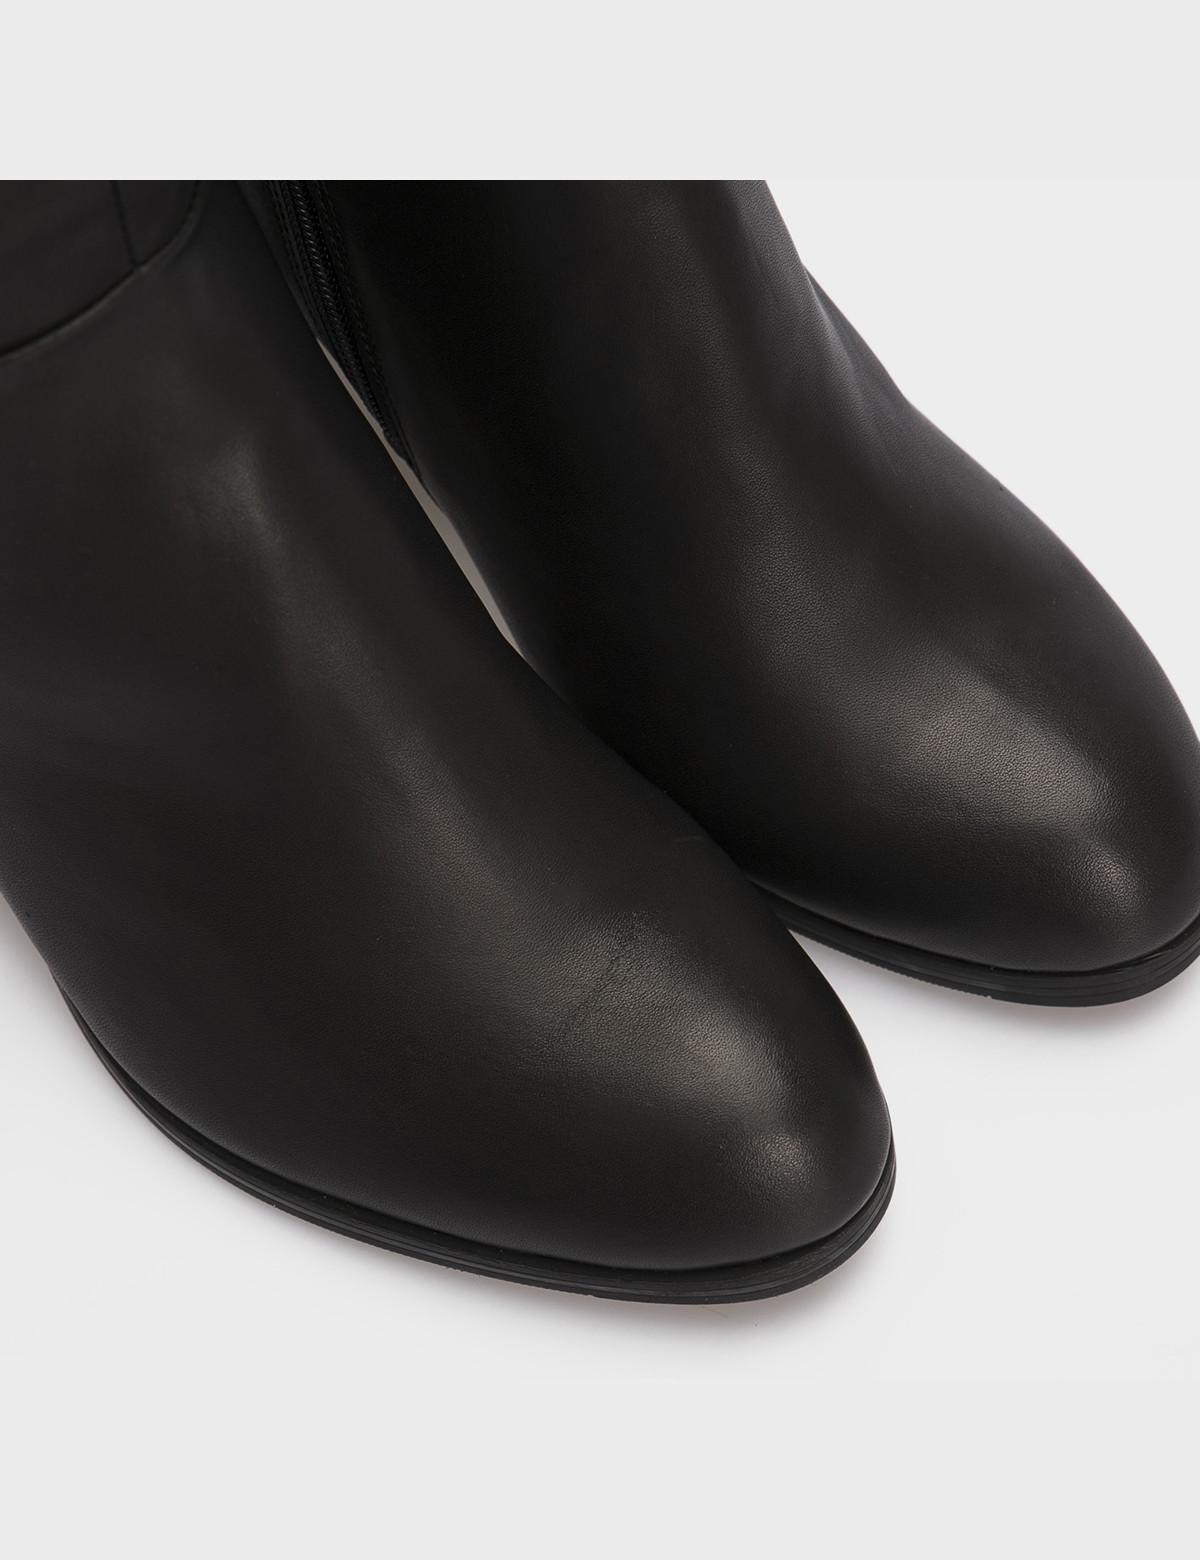 Сапоги черные, натуральная кожа. Байка4